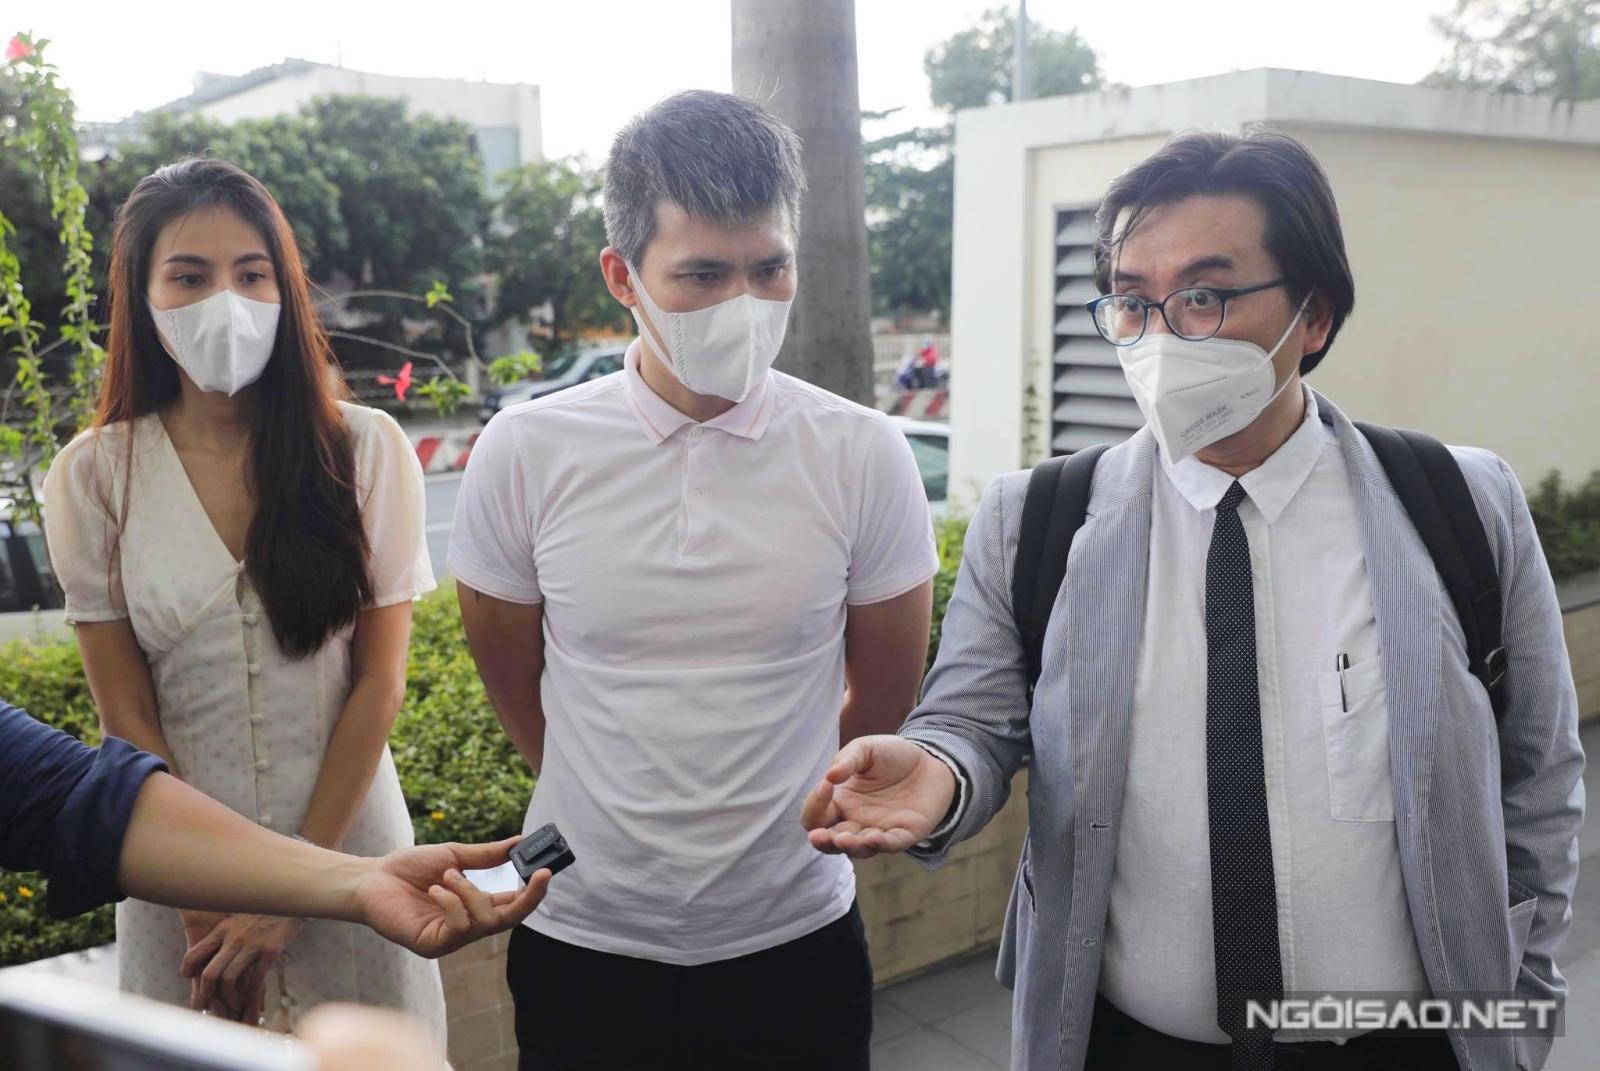 Buổi làm việc có sự tham gia của truyền thông và ông Phan Vũ Tuấn - luật sư đại diện.